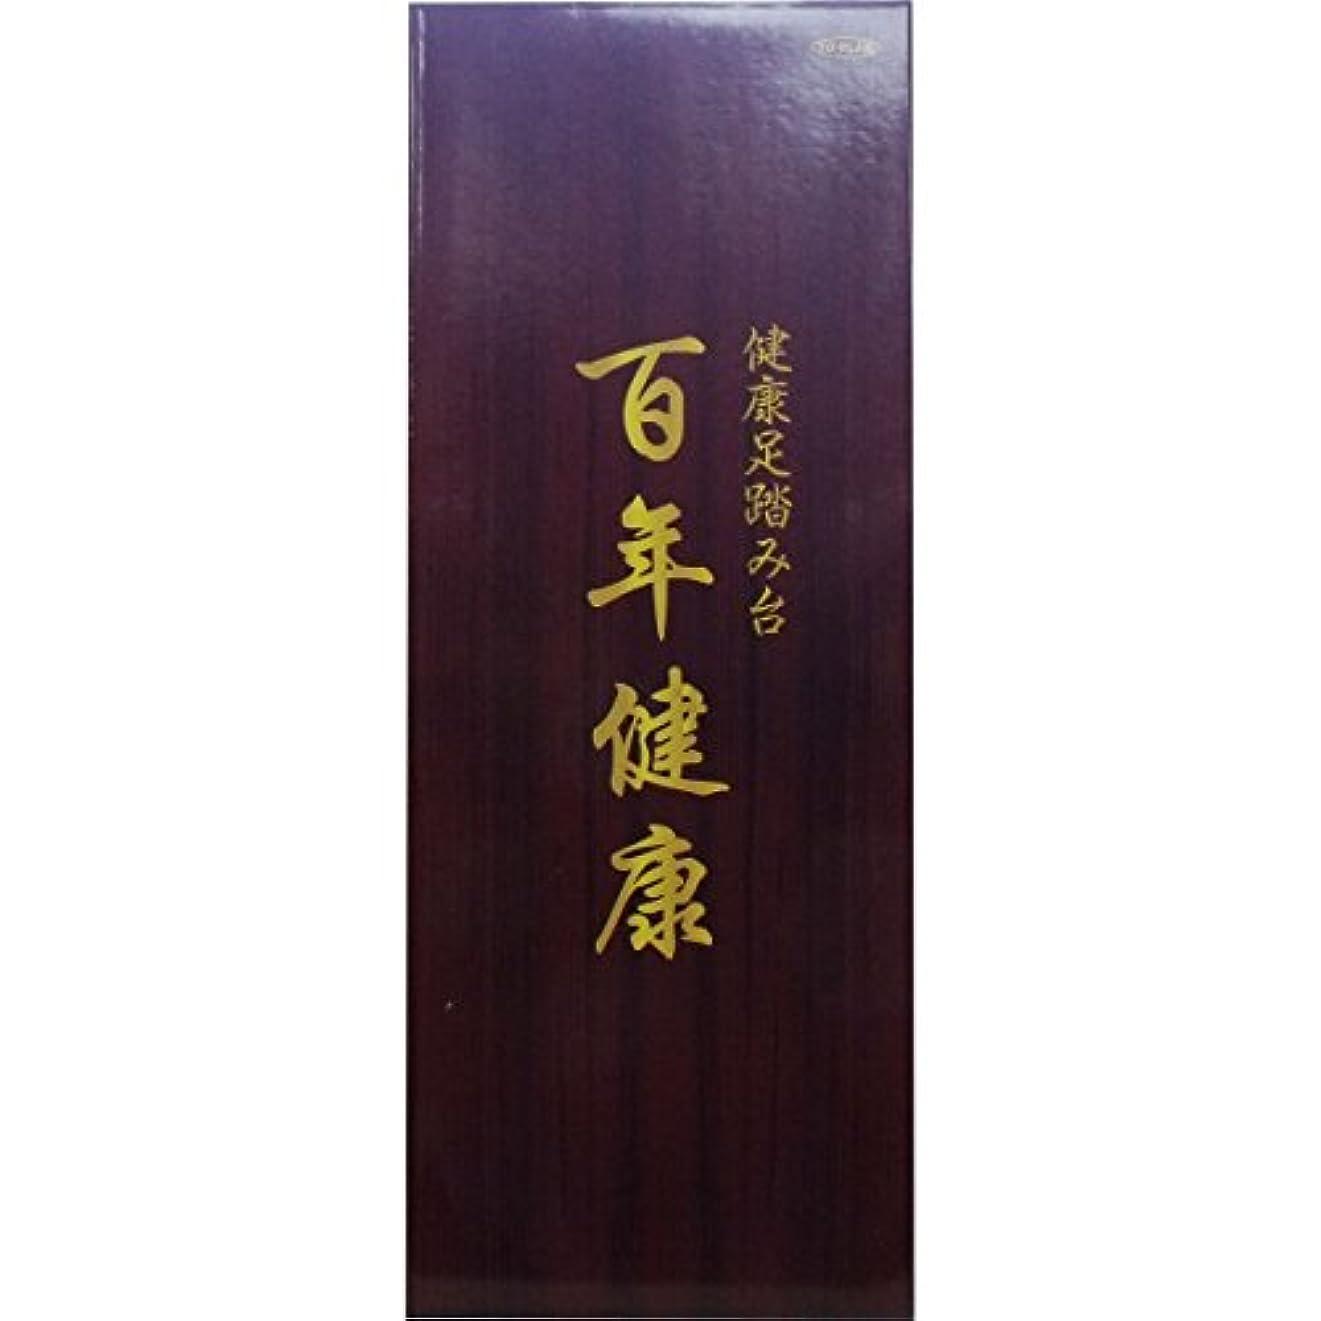 タウポ湖こんにちはプロペラ【お徳用 2 セット】 健康足踏み台 百年健康×2セット